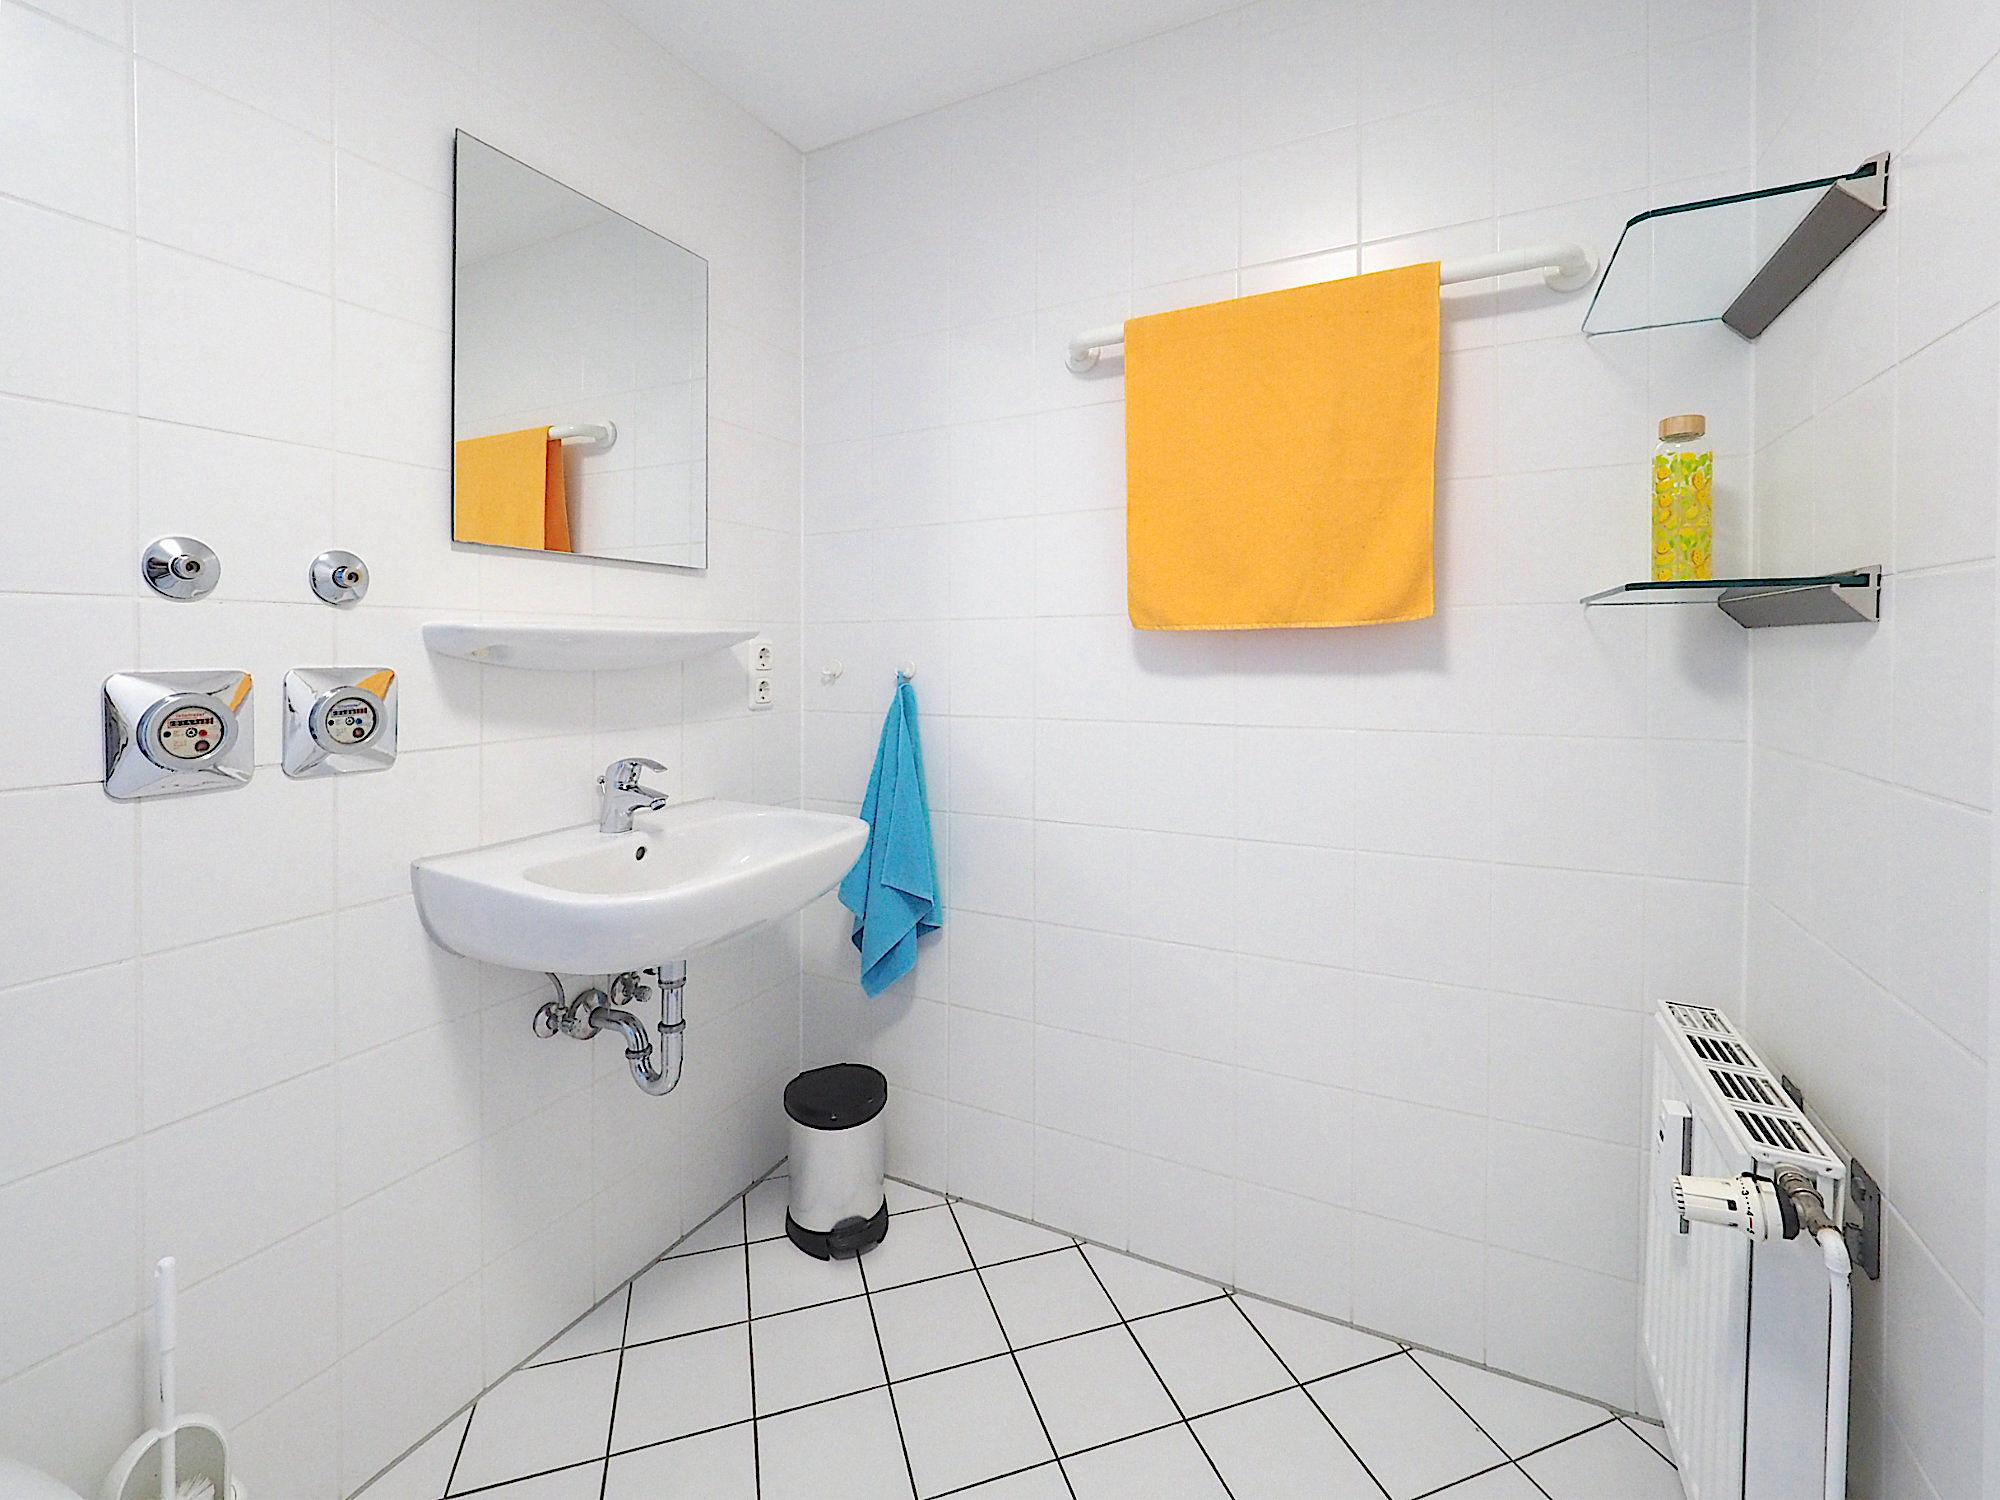 Duschbad mit Waschbecken, Spiegel  und Regalen